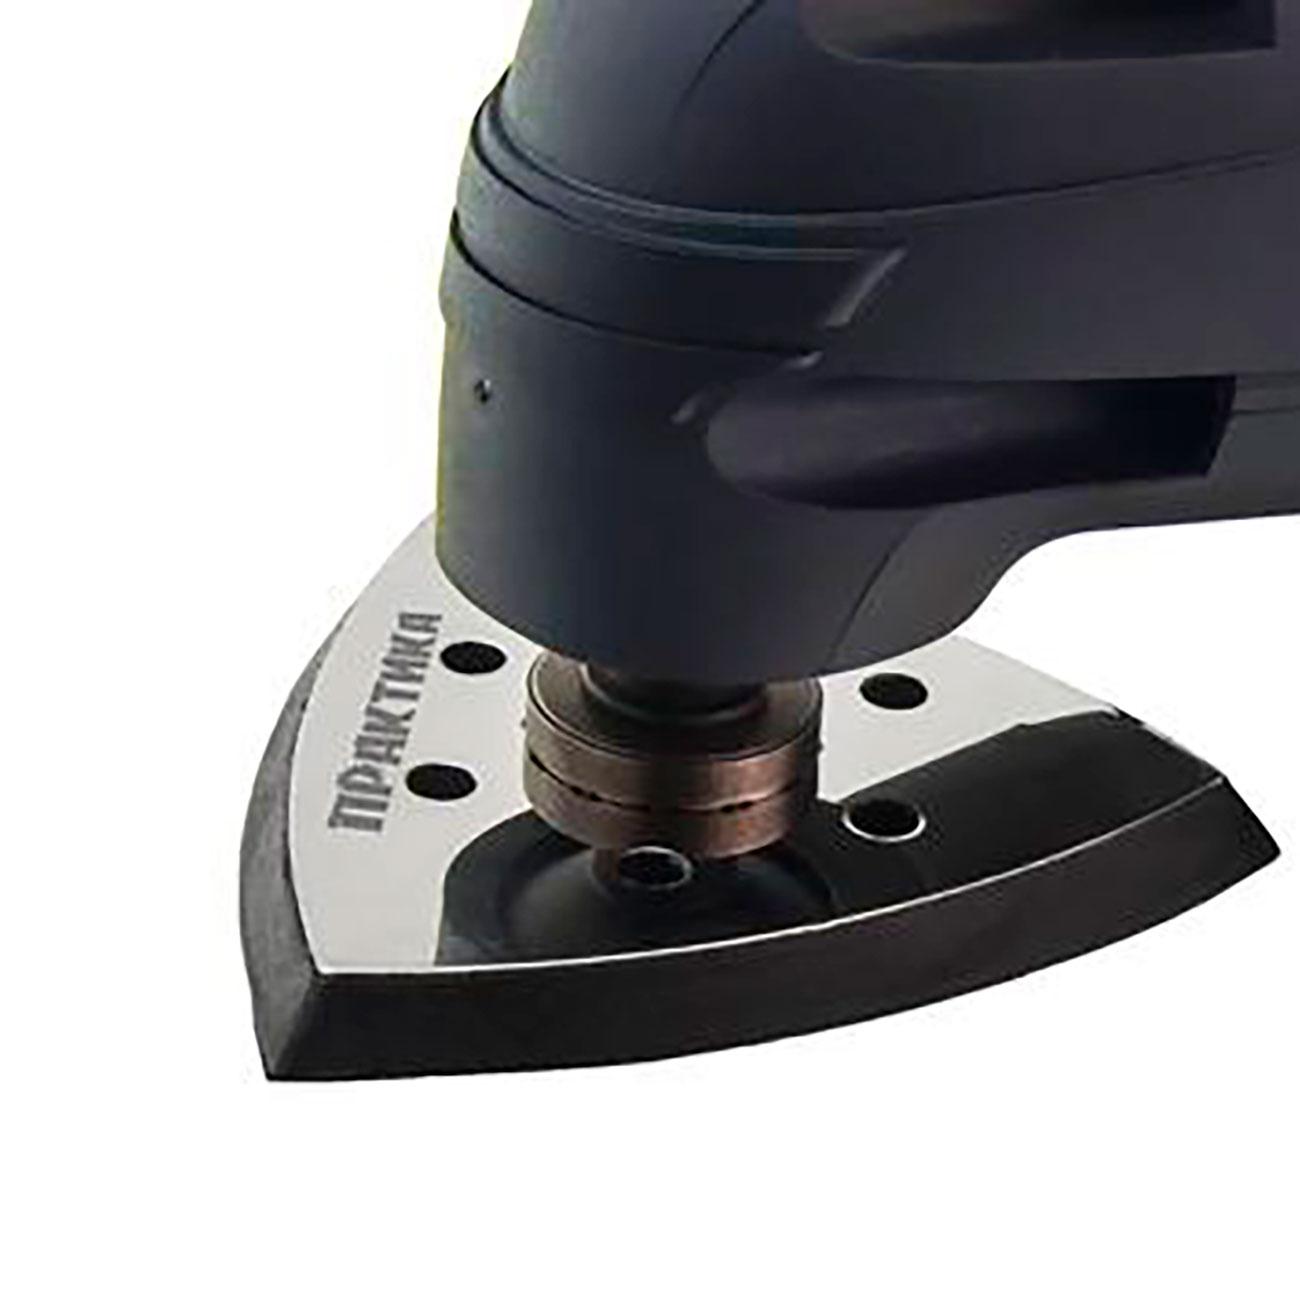 Фото Подошва для шлифлиста Практика, VELCRO, дельта, 6 отверстий, 93 мм {240-416} (2)